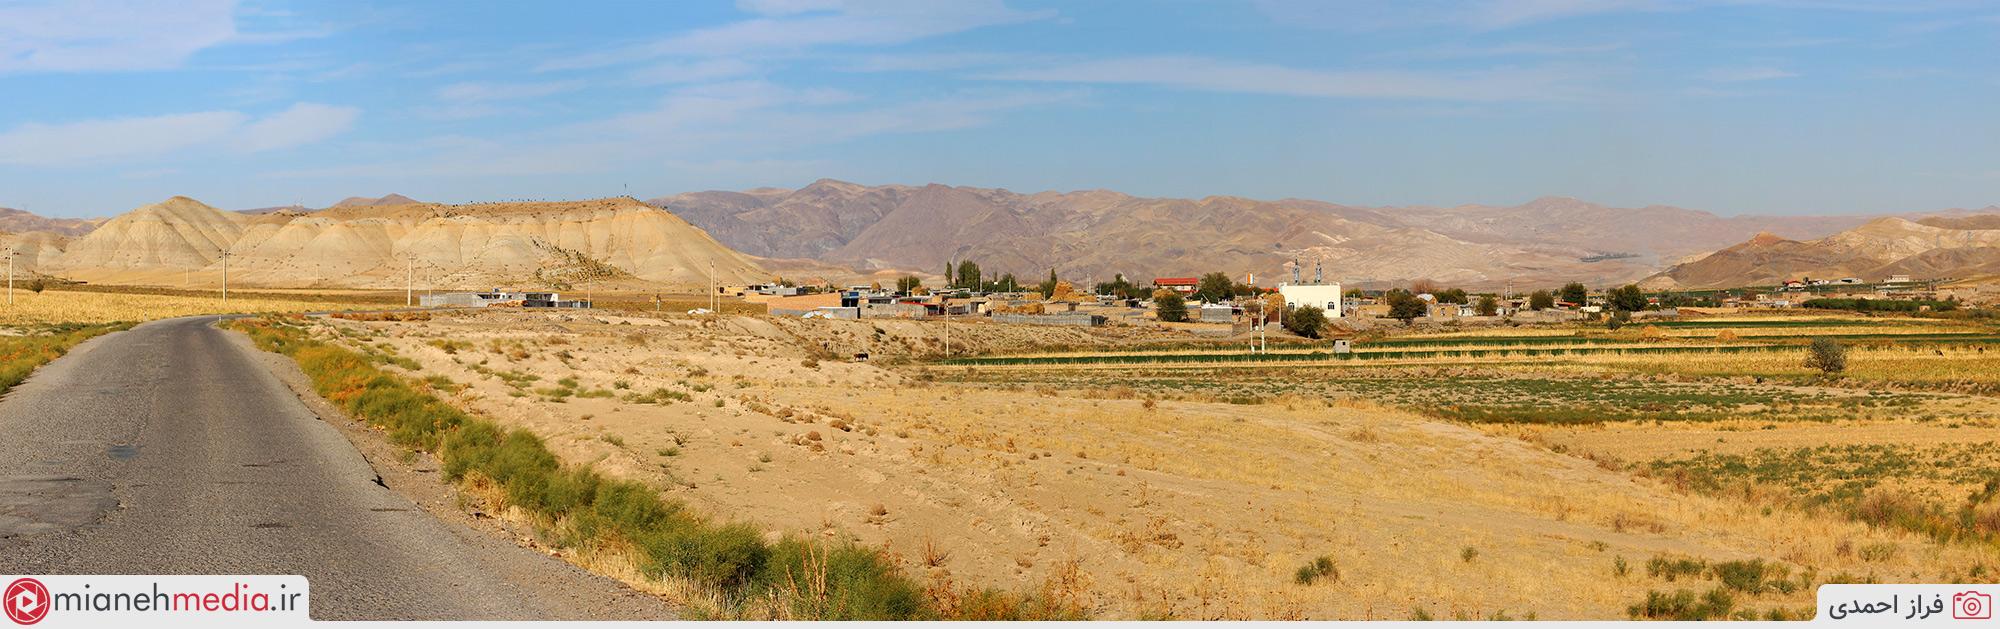 روستای قره آوری (قرؤوری)